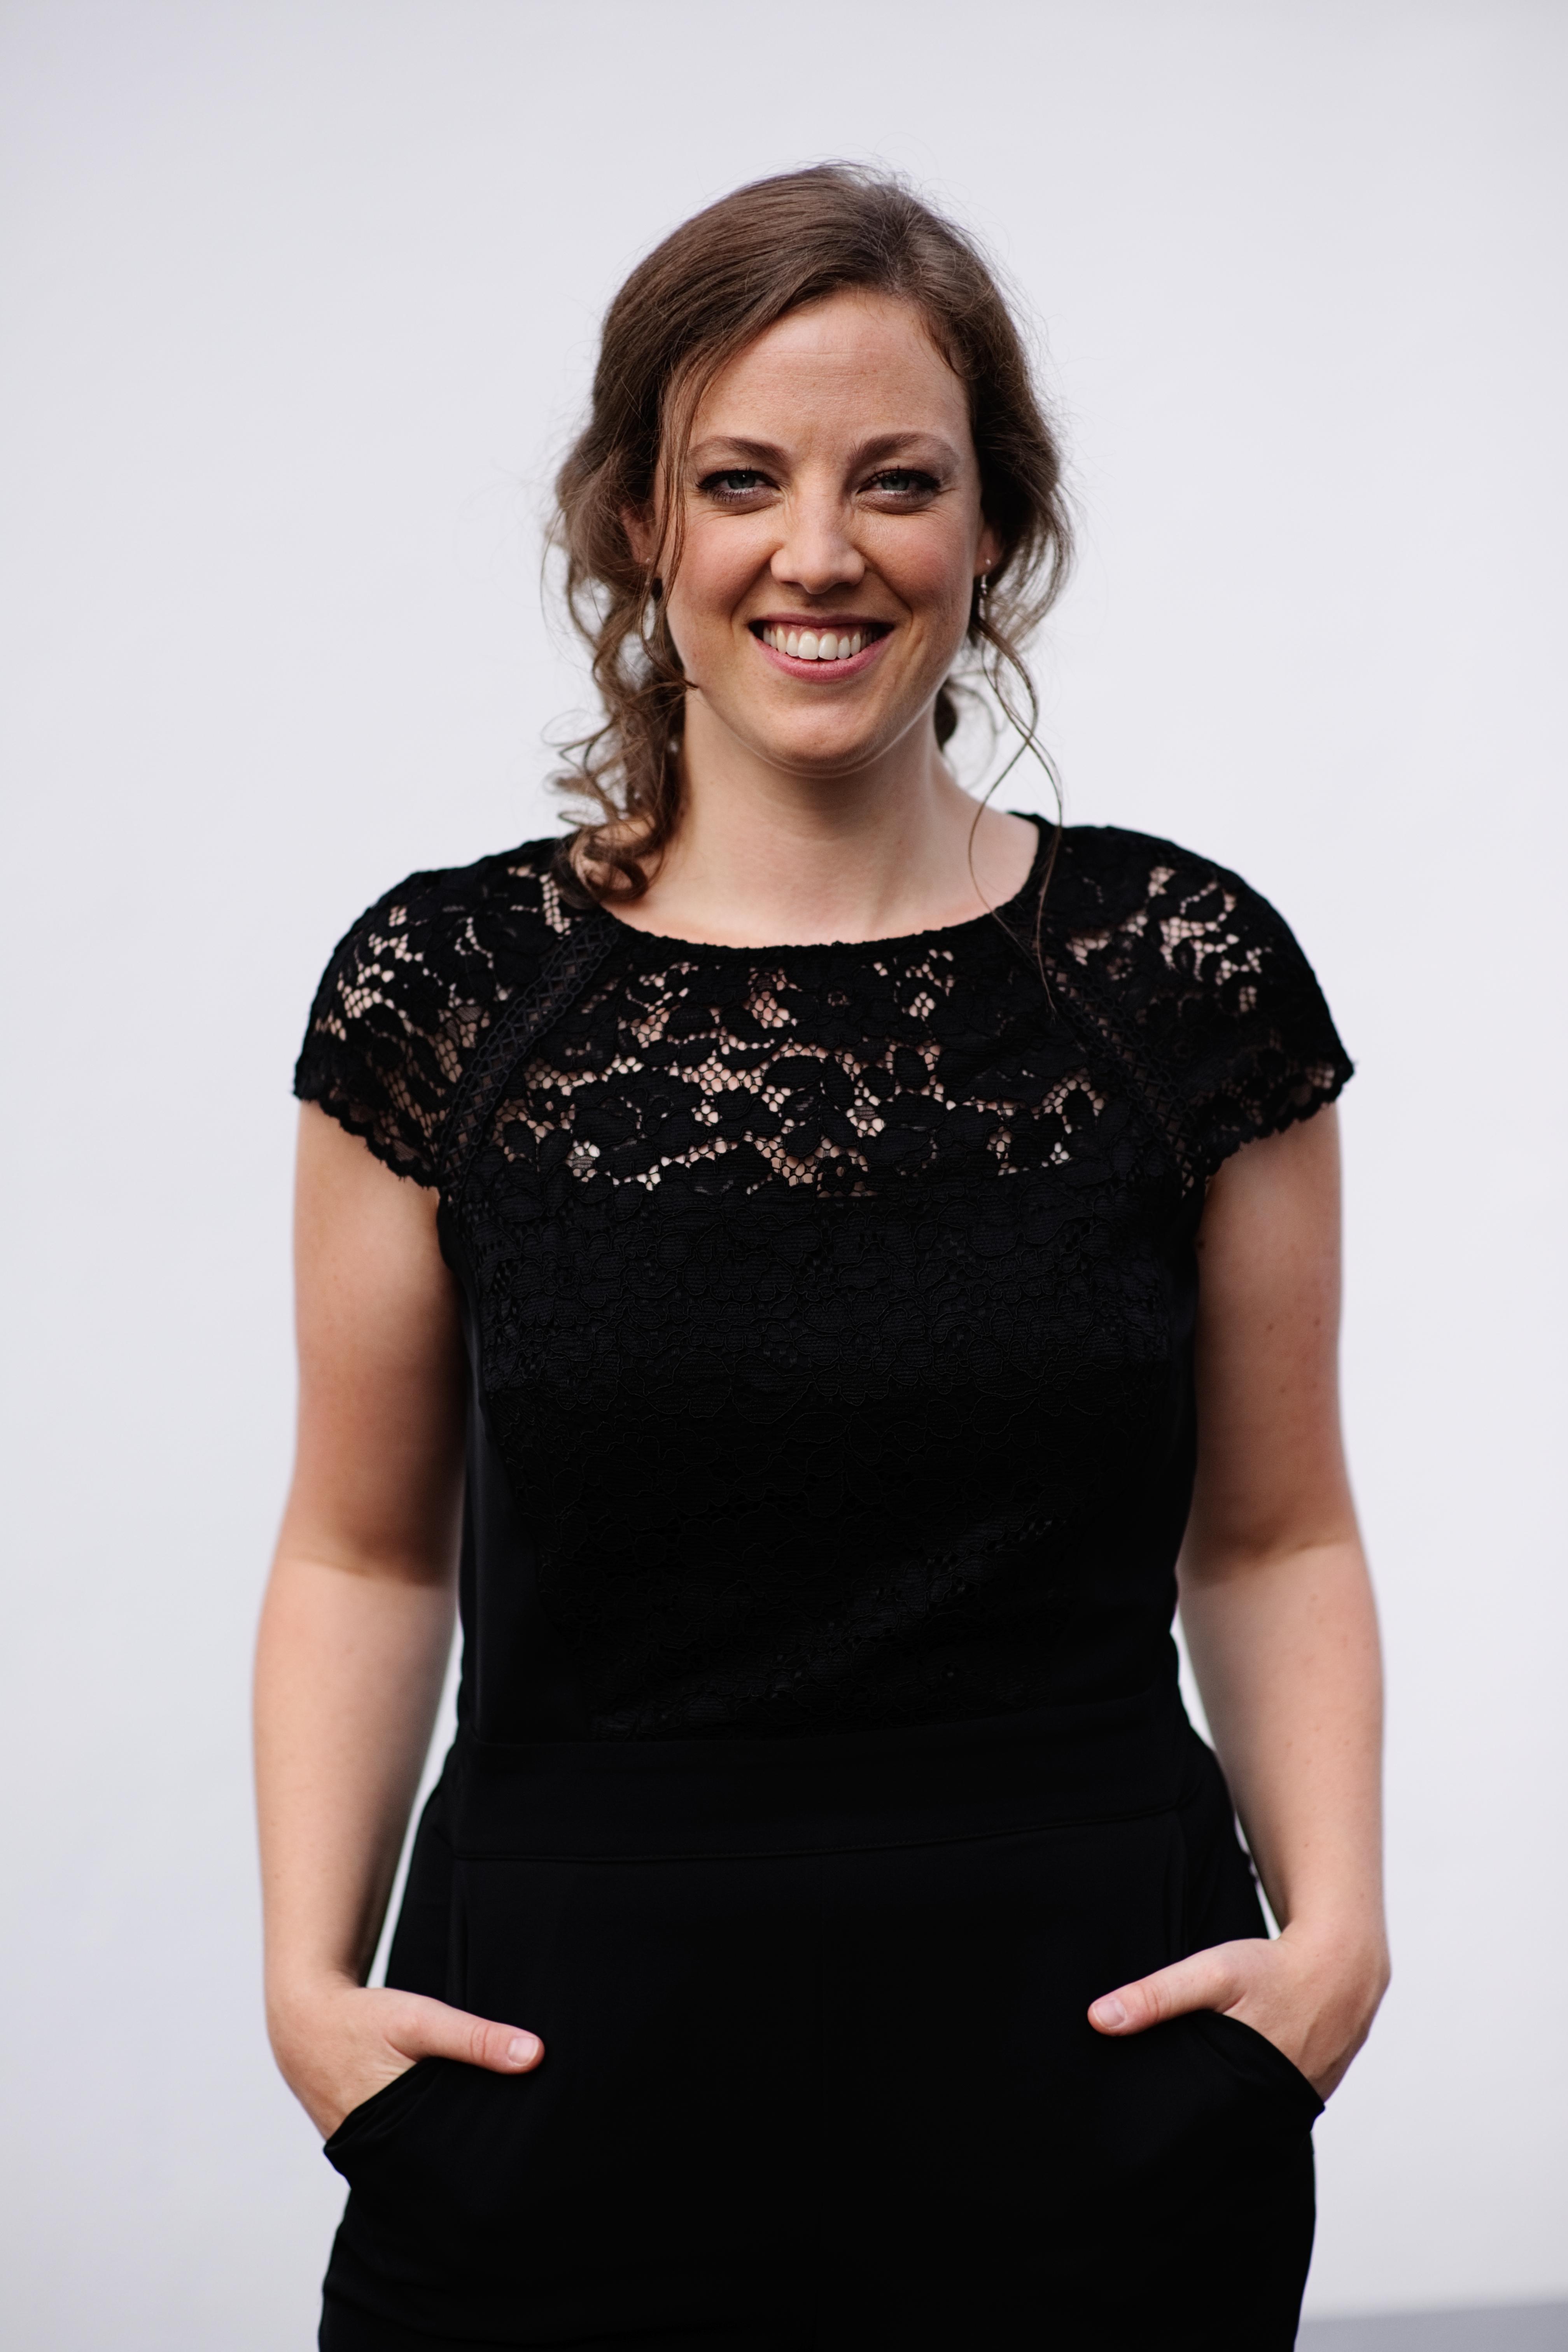 Julia Grüter